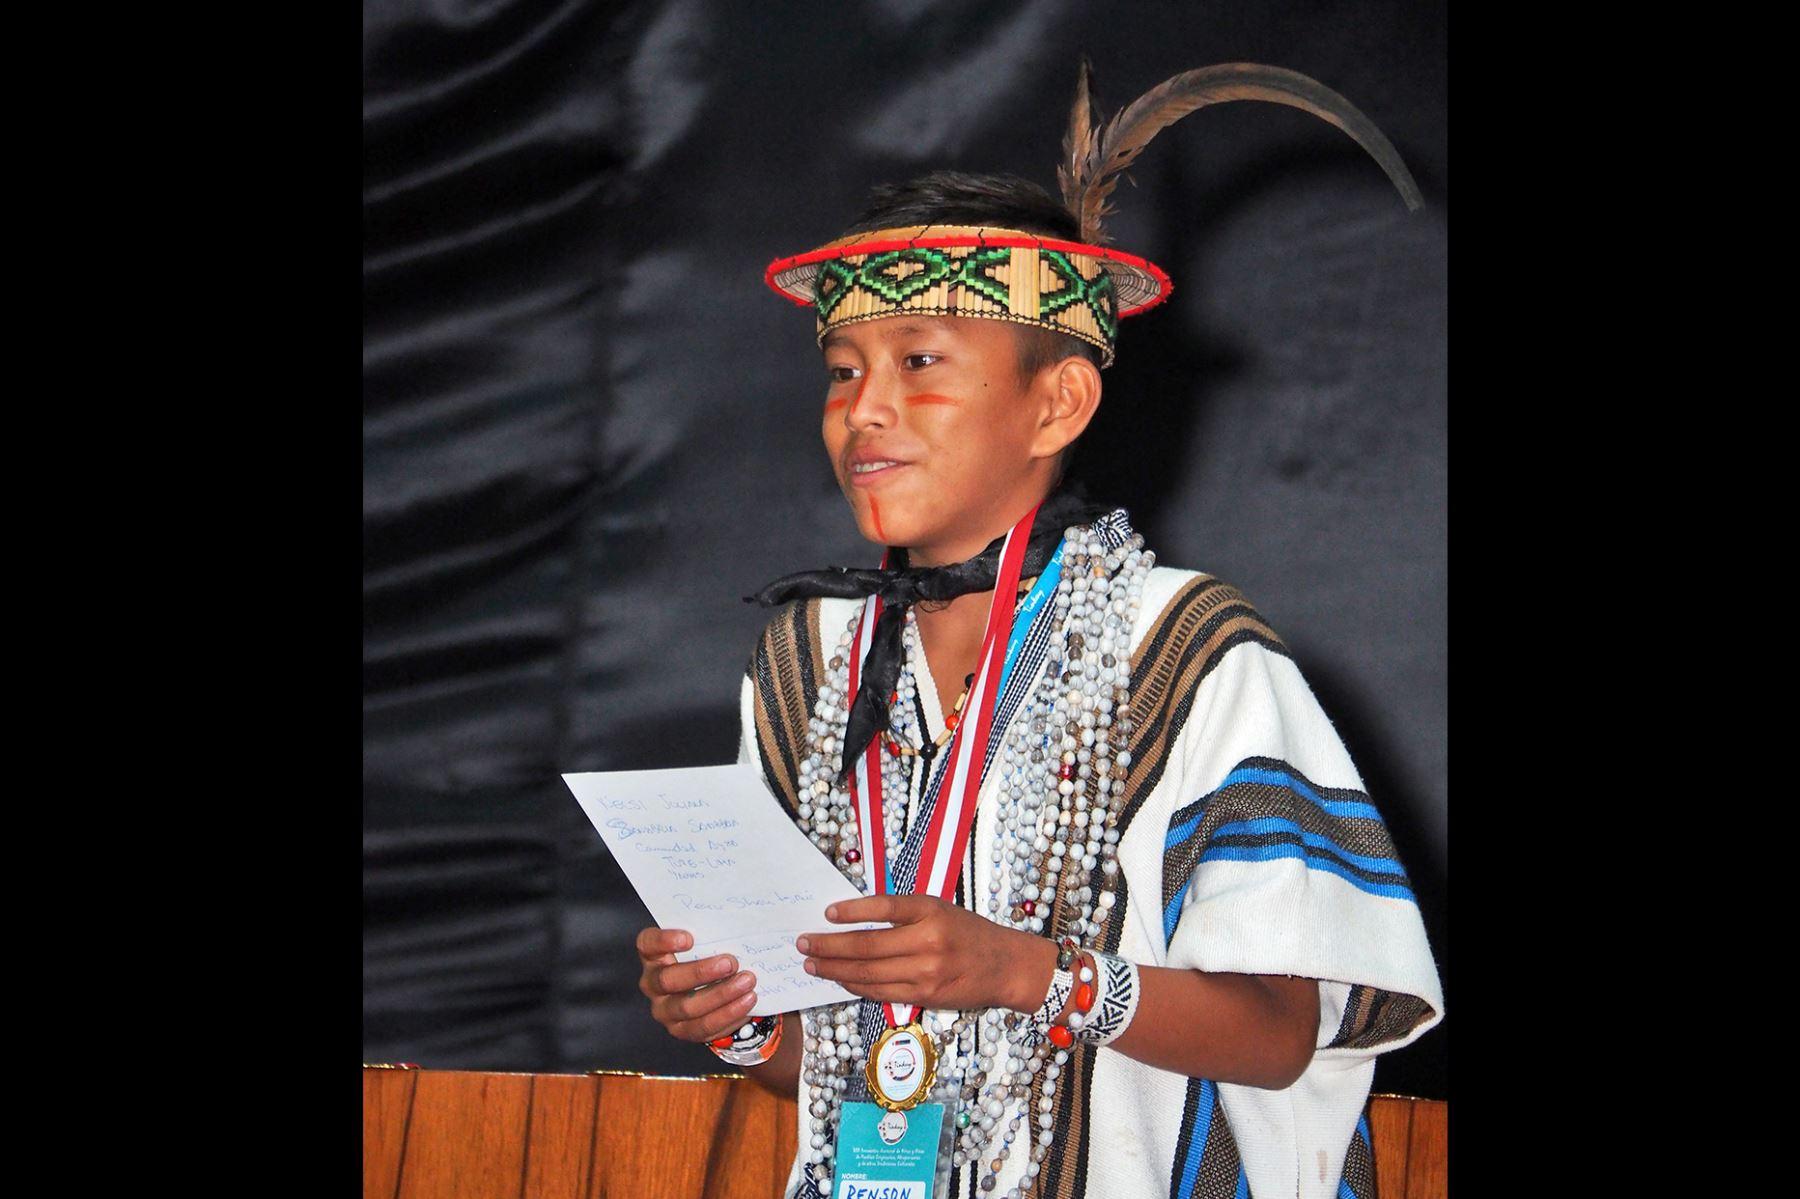 Renson Yen Miguel Mariños, un niño del pueblo yanesha de Oxapampa, región Pasco, se convirtió en el presidente del Parlamento del Tinkuy 2019. Foto: ANDINA/Difusión